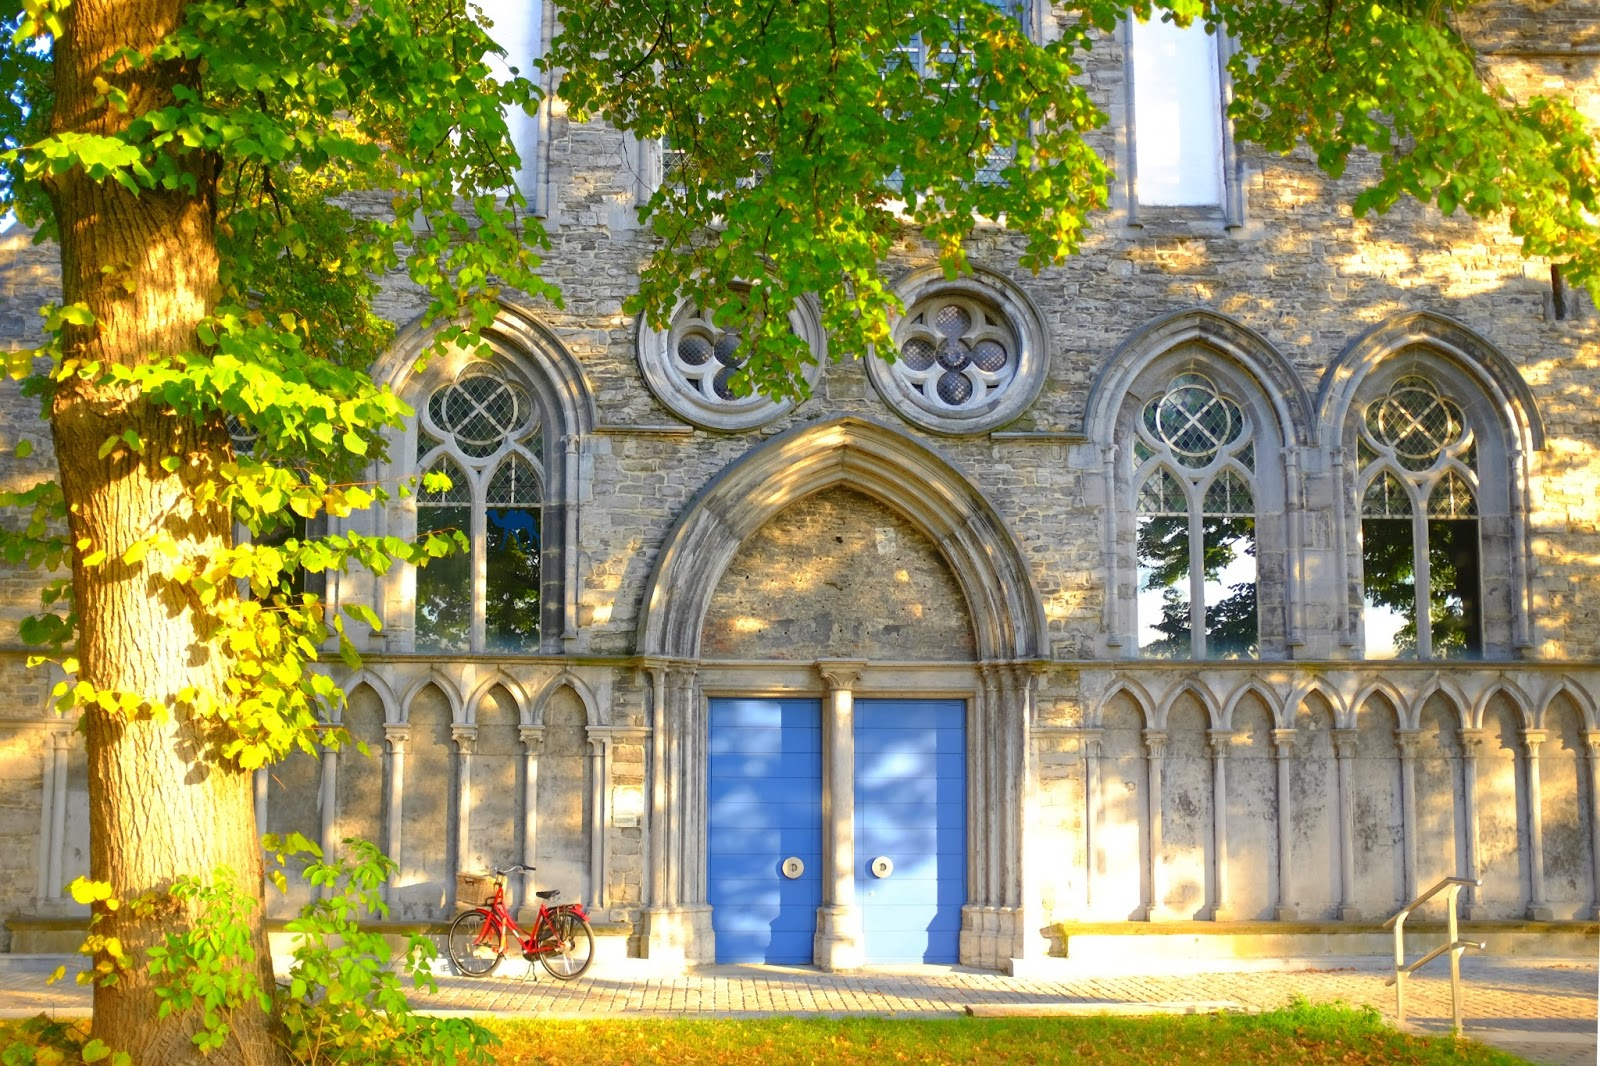 Le Chameau Bleu - Blog Voyage Gand Belgique - Gand Tourisme - Eglise STAM- Musée à Gand Que voir à Gand Belgique